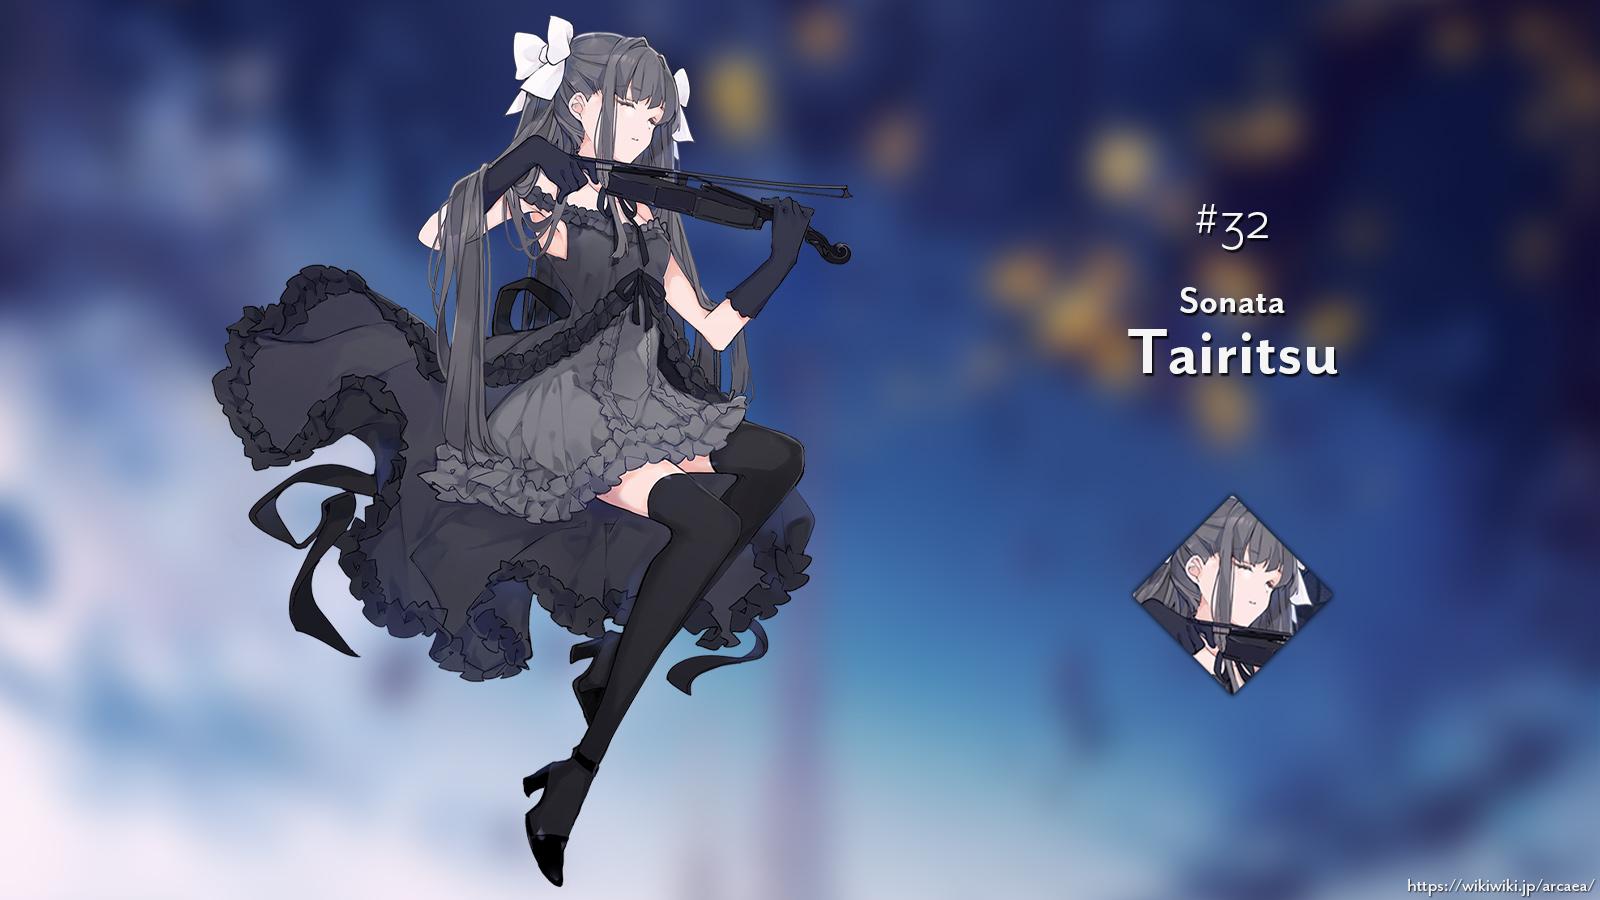 Sonata Tairitsu